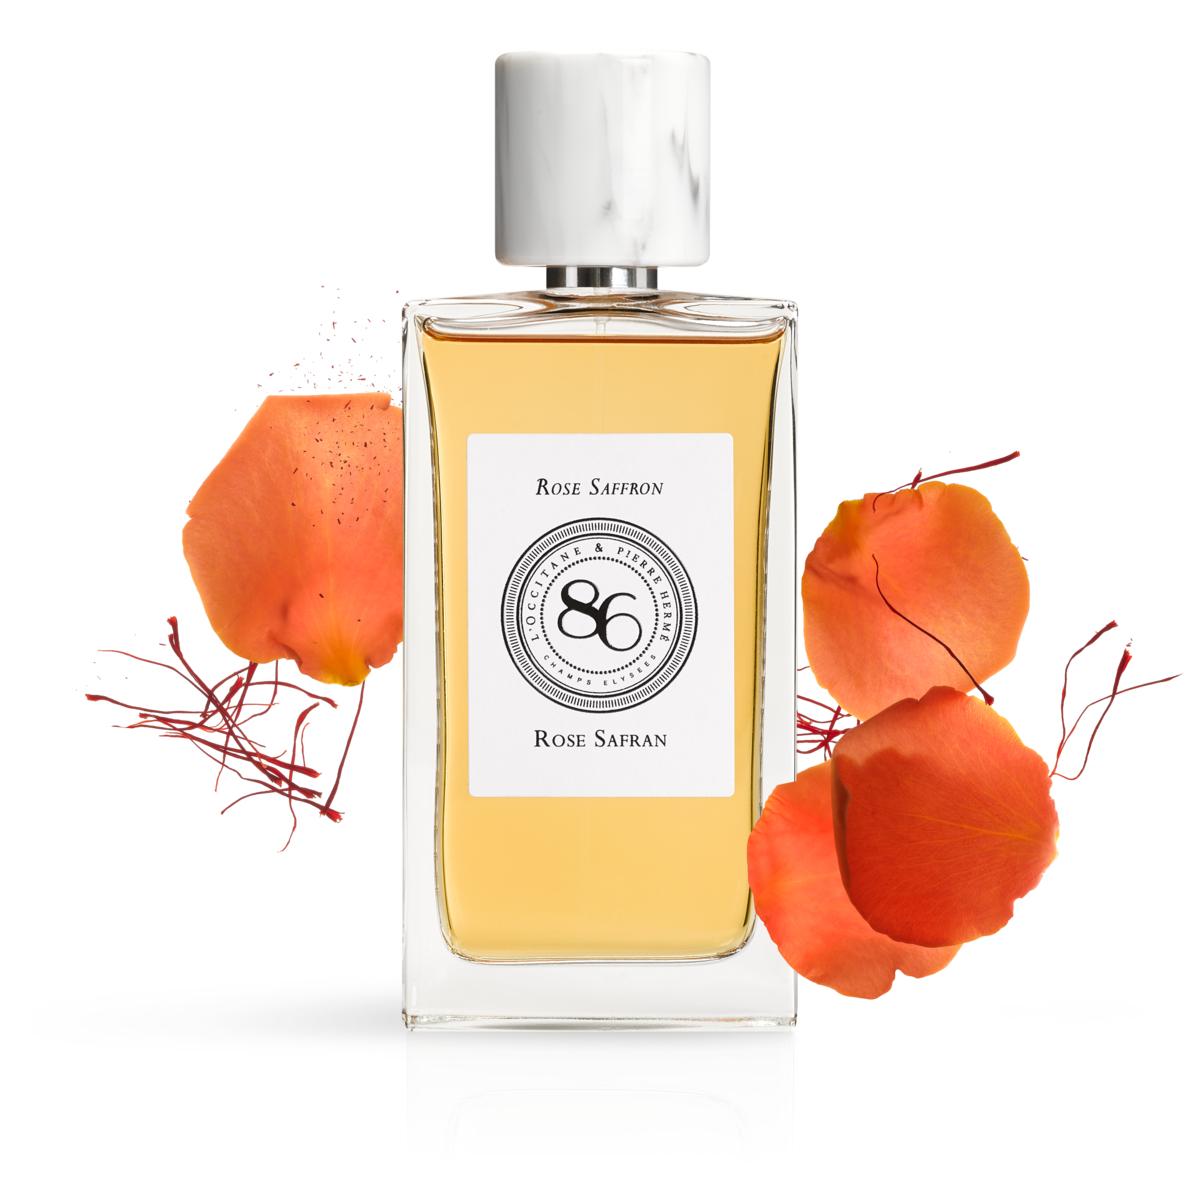 Pierre Hermé 86 Rose Saffron Eau de Parfum